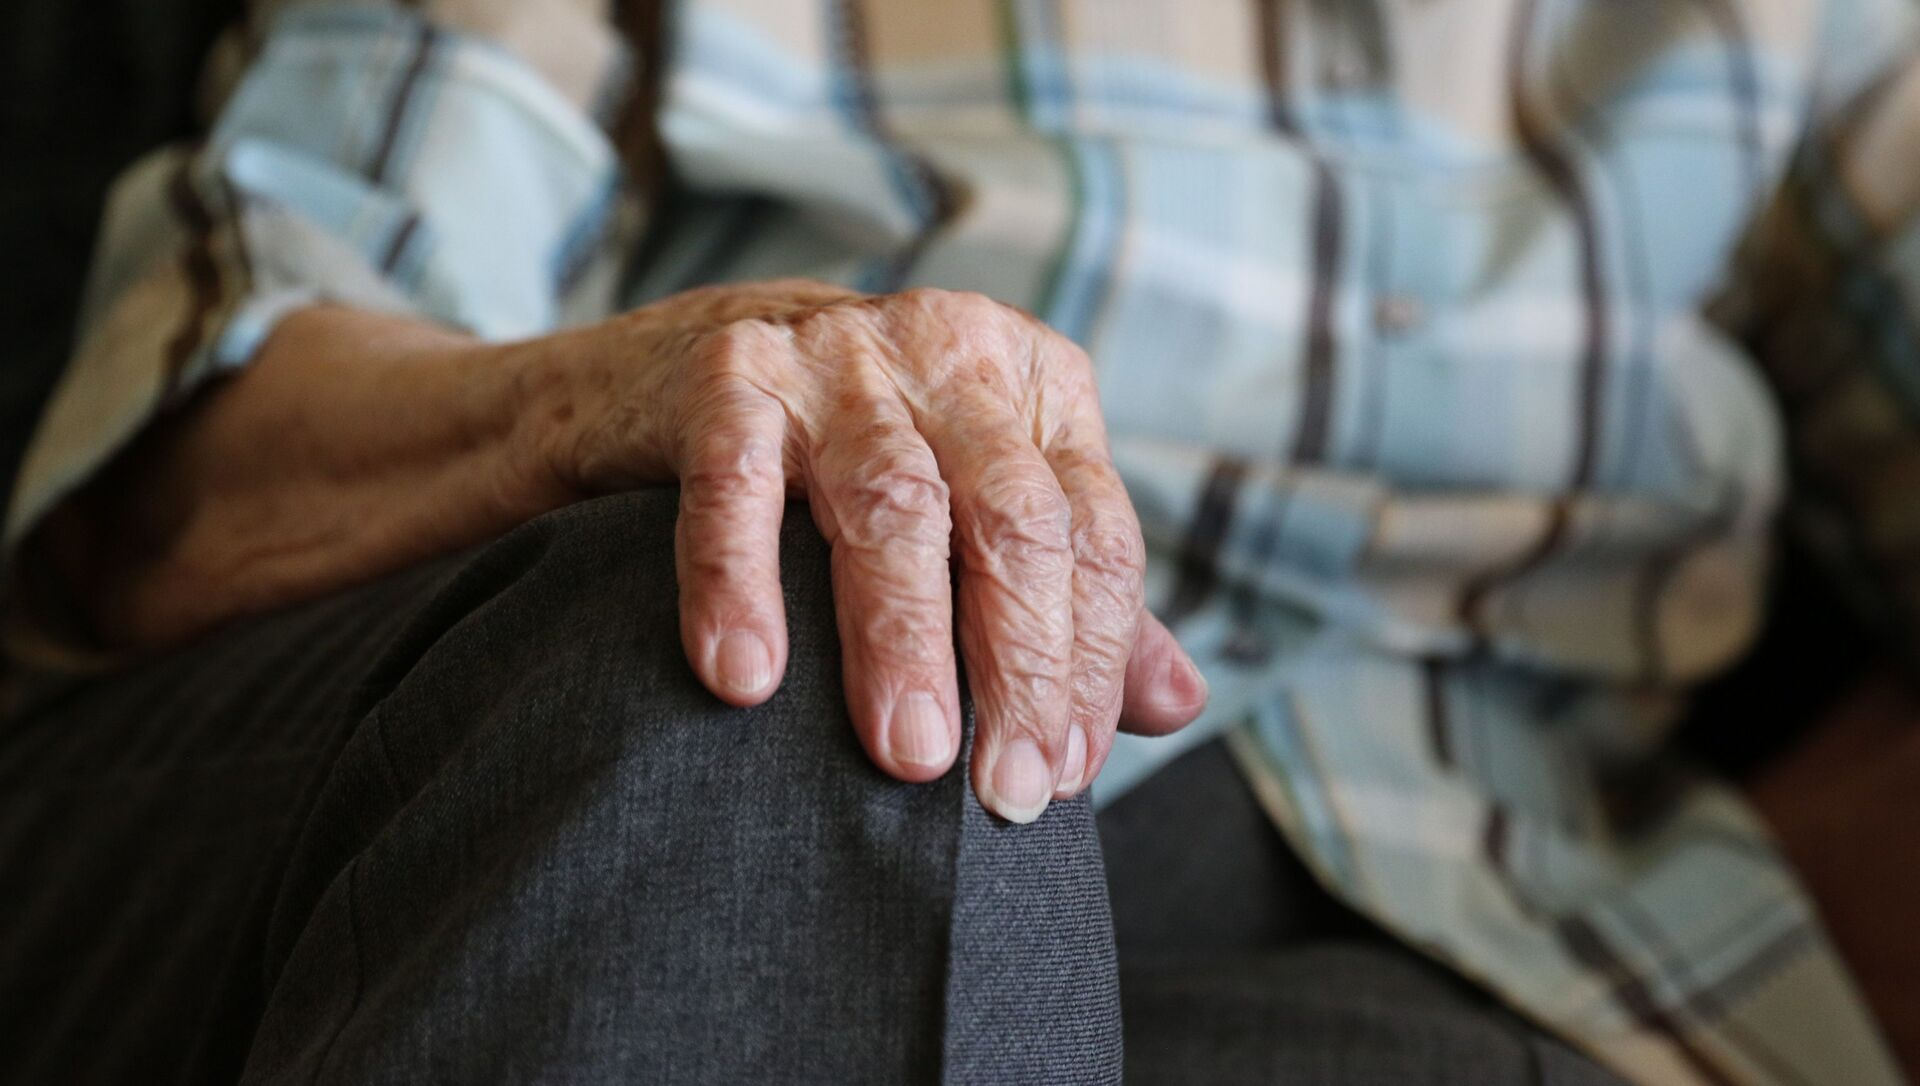 「世界最長寿の男性」 エリトリアで127歳で死去 - Sputnik 日本, 1920, 01.10.2021